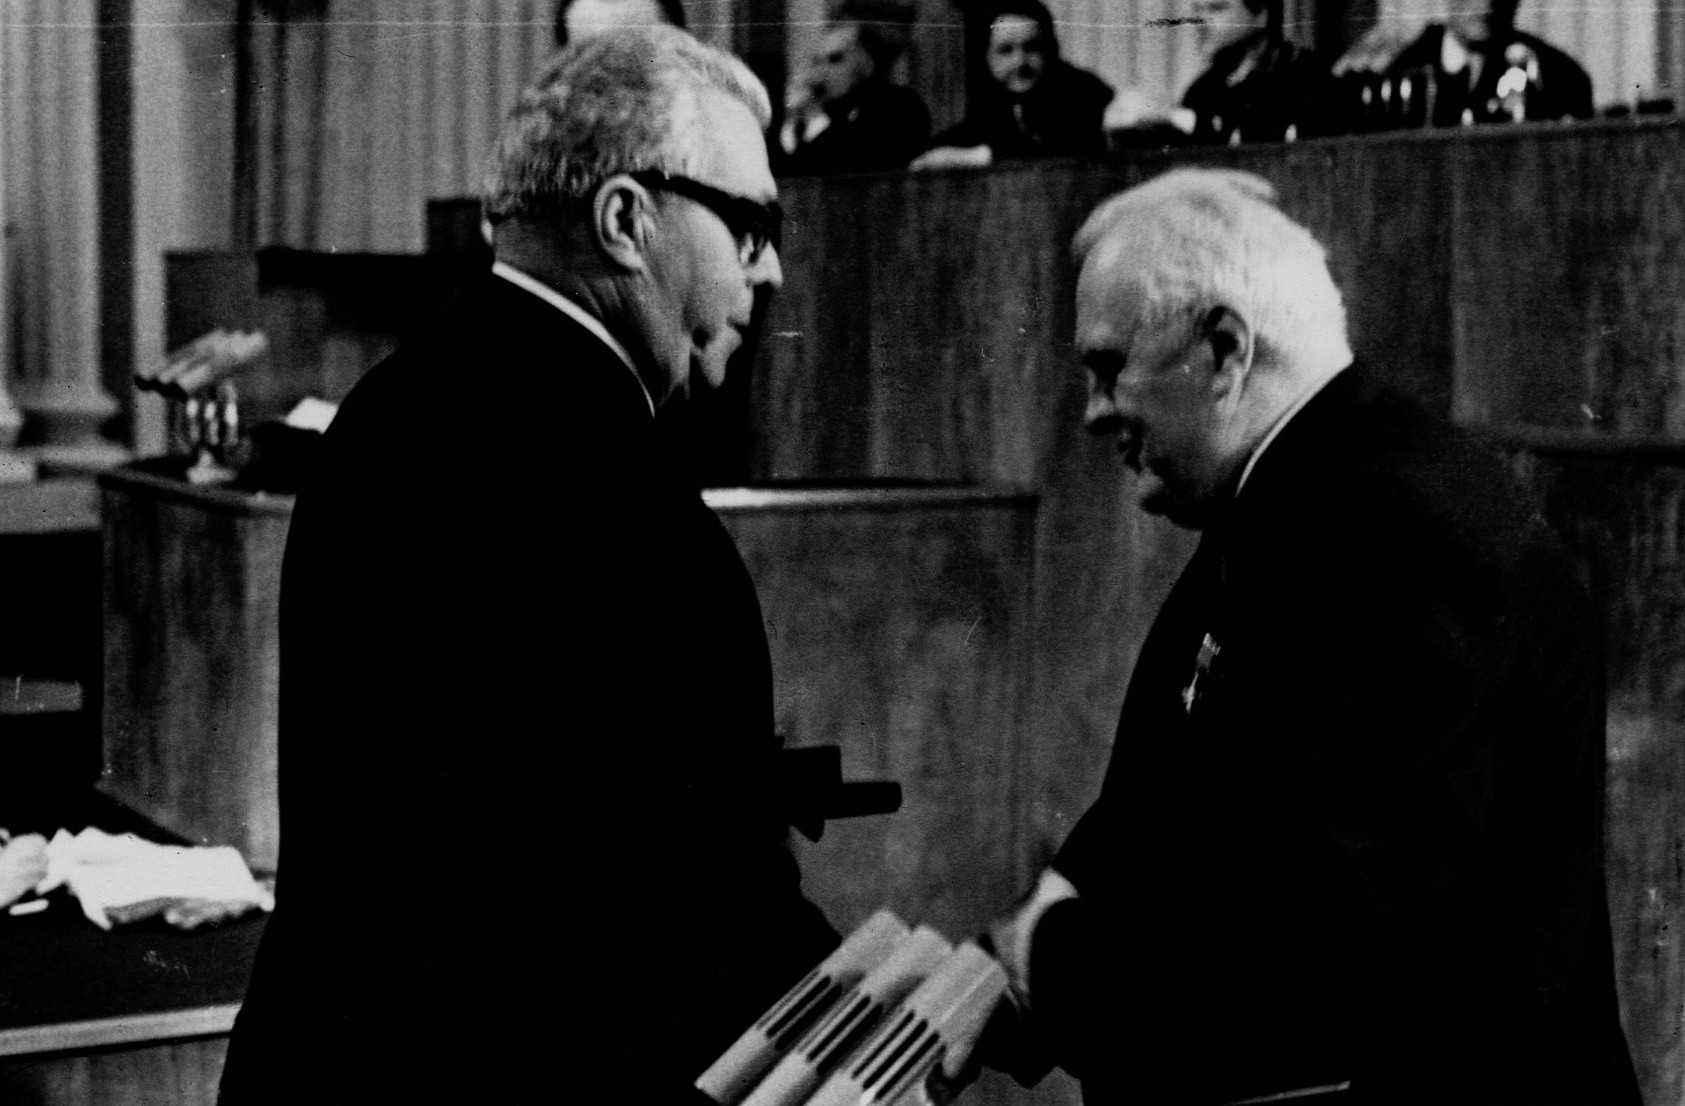 Экспонат #78. Награждение Государственной премией СССР.  6 ноября 1969 года